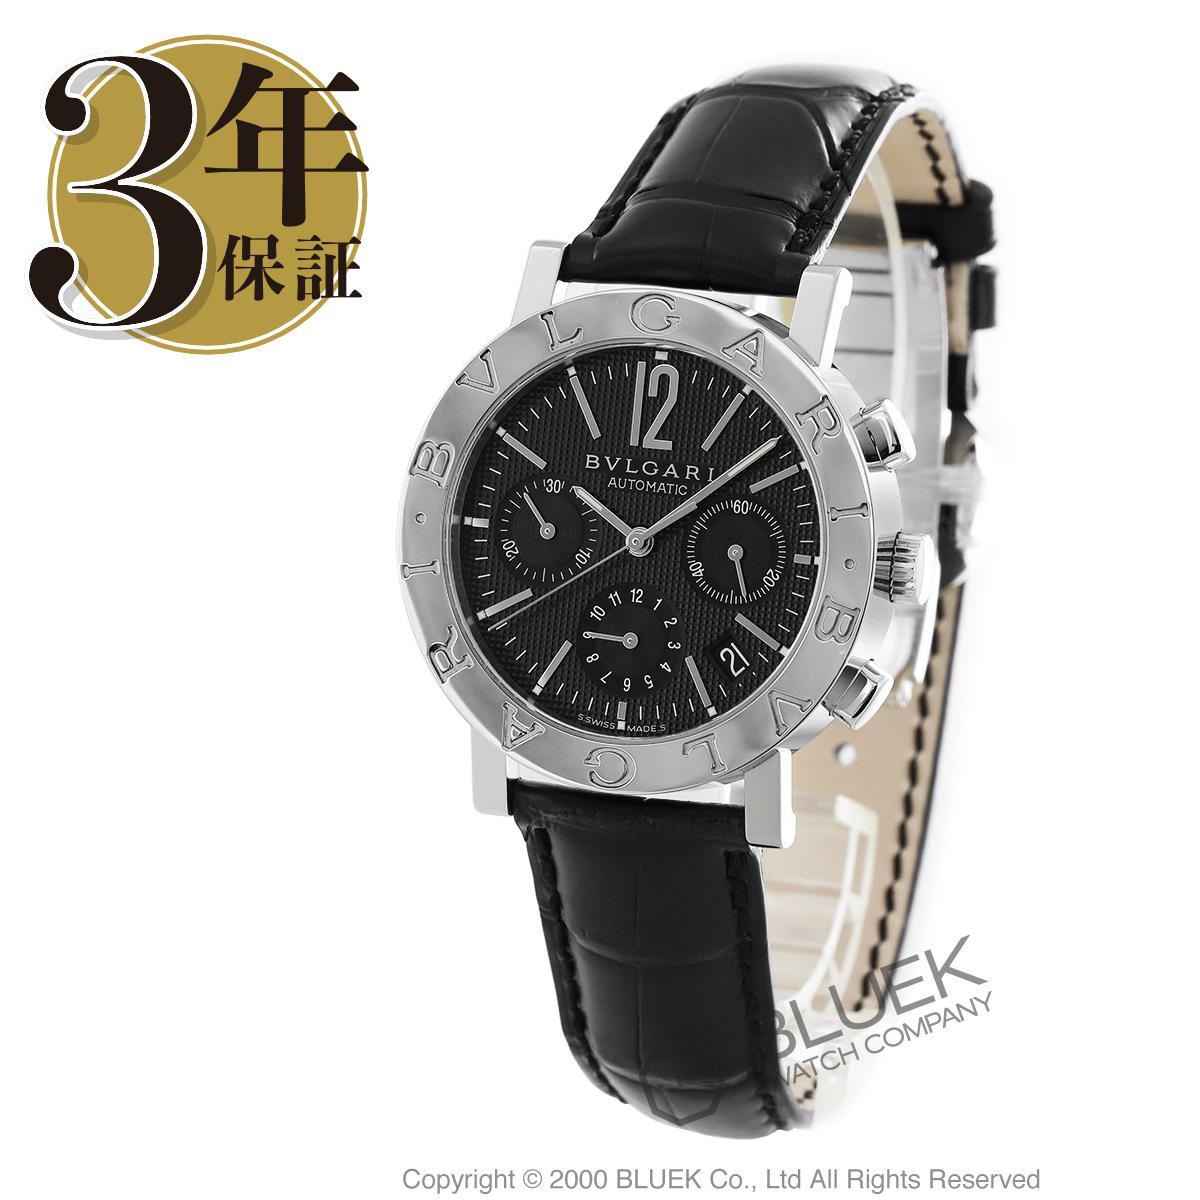 ブルガリ ブルガリブルガリ クロノグラフ アリゲーターレザー 腕時計 メンズ BVLGARI BB38BSLDCH_8